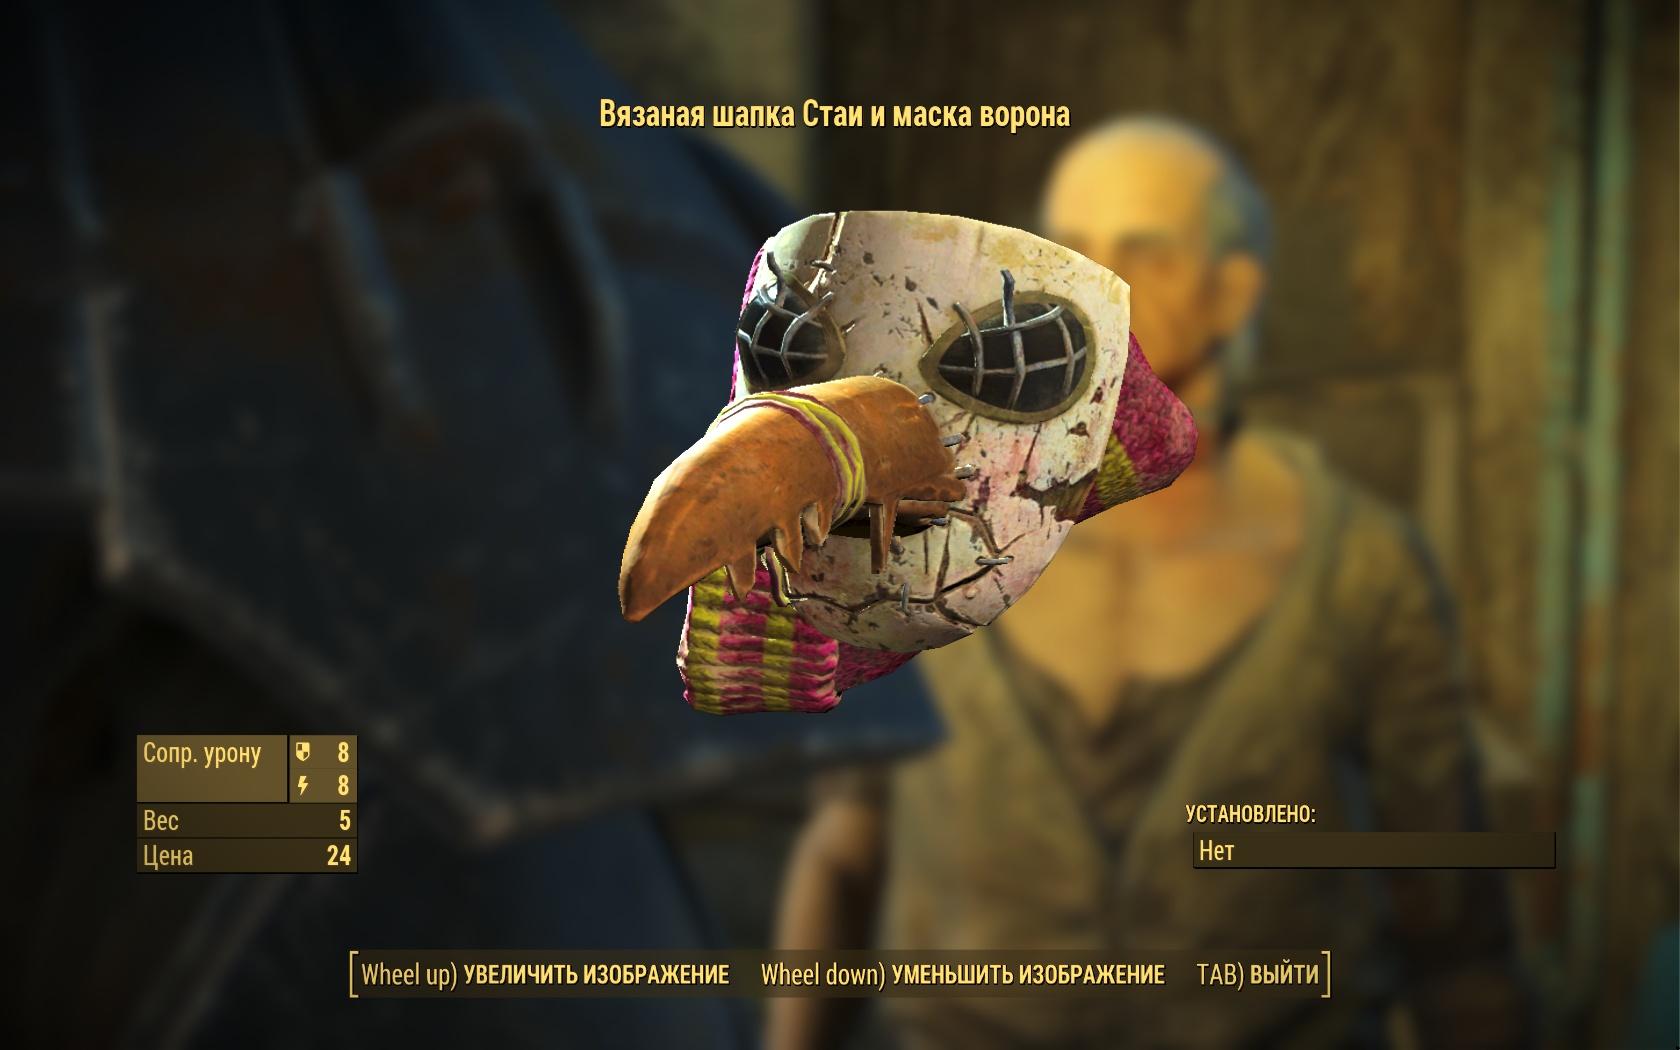 Вязаная шапка Стаи и маска ворона - Fallout 4 Nuka World, ворон, Вязаная, Одежда, Стая, шапка, Ядер-Мир